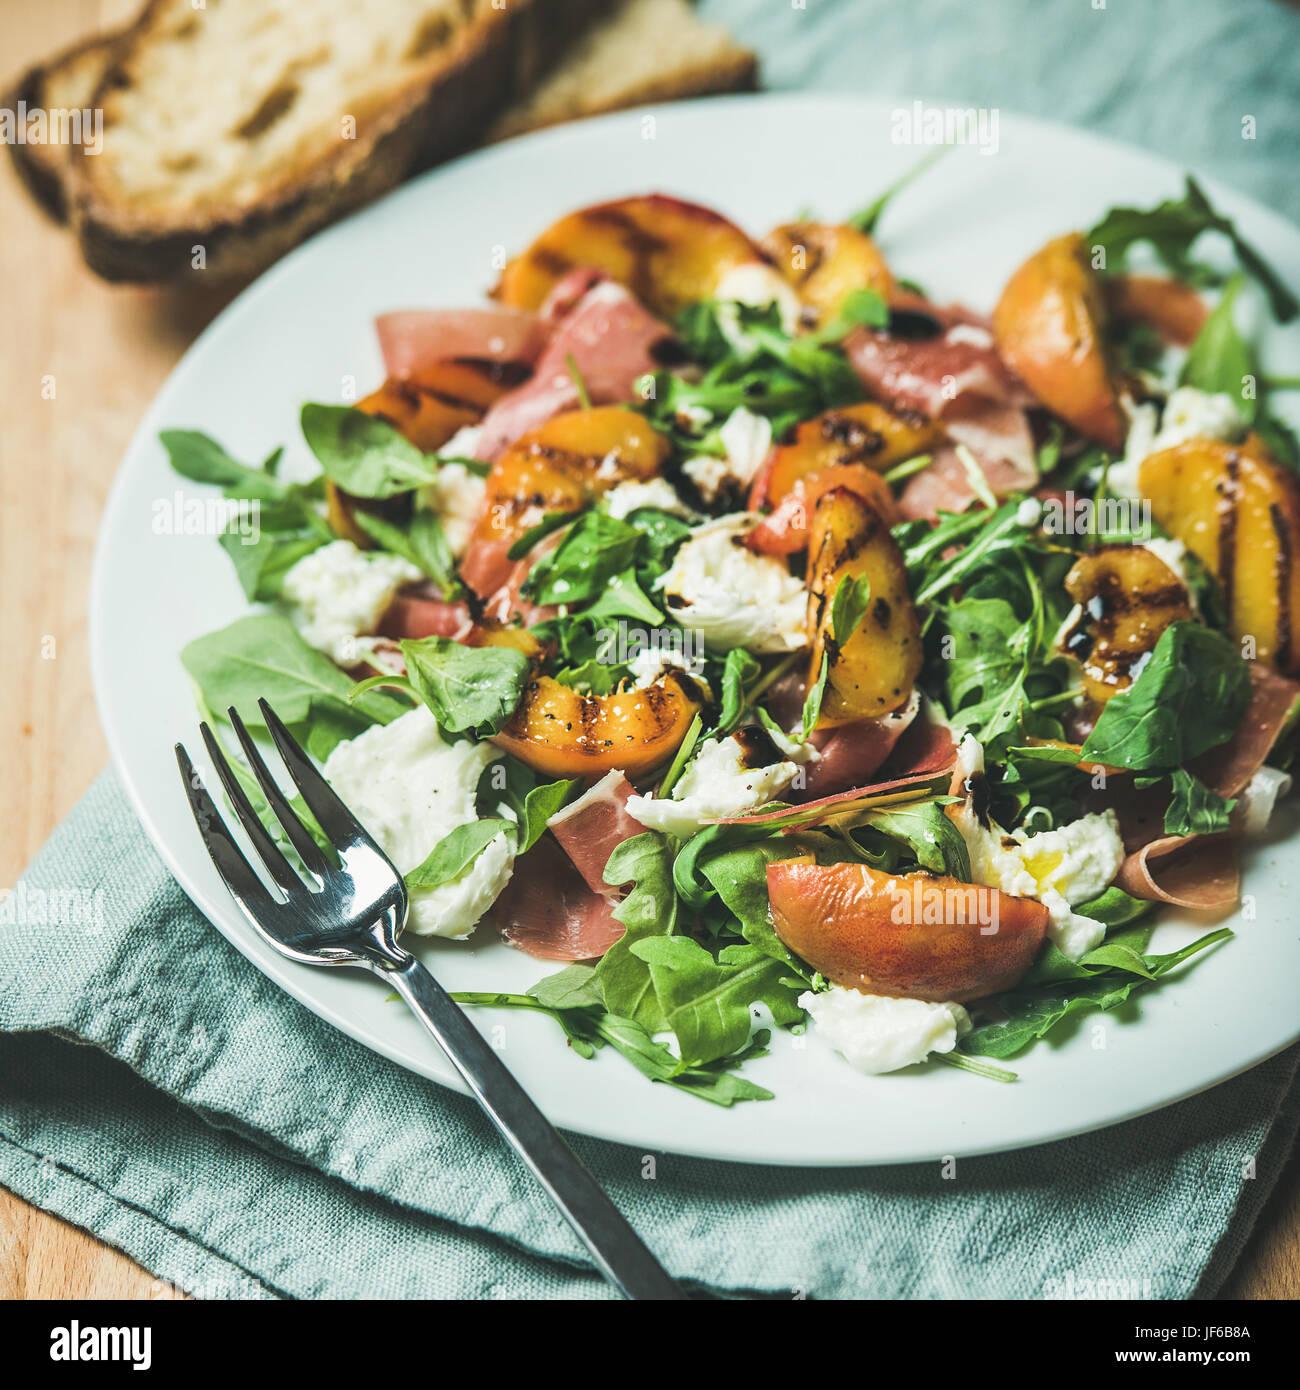 gegrillter pfirsich salat mozzarella rucola und schinken stockfoto bild 147043354 alamy. Black Bedroom Furniture Sets. Home Design Ideas